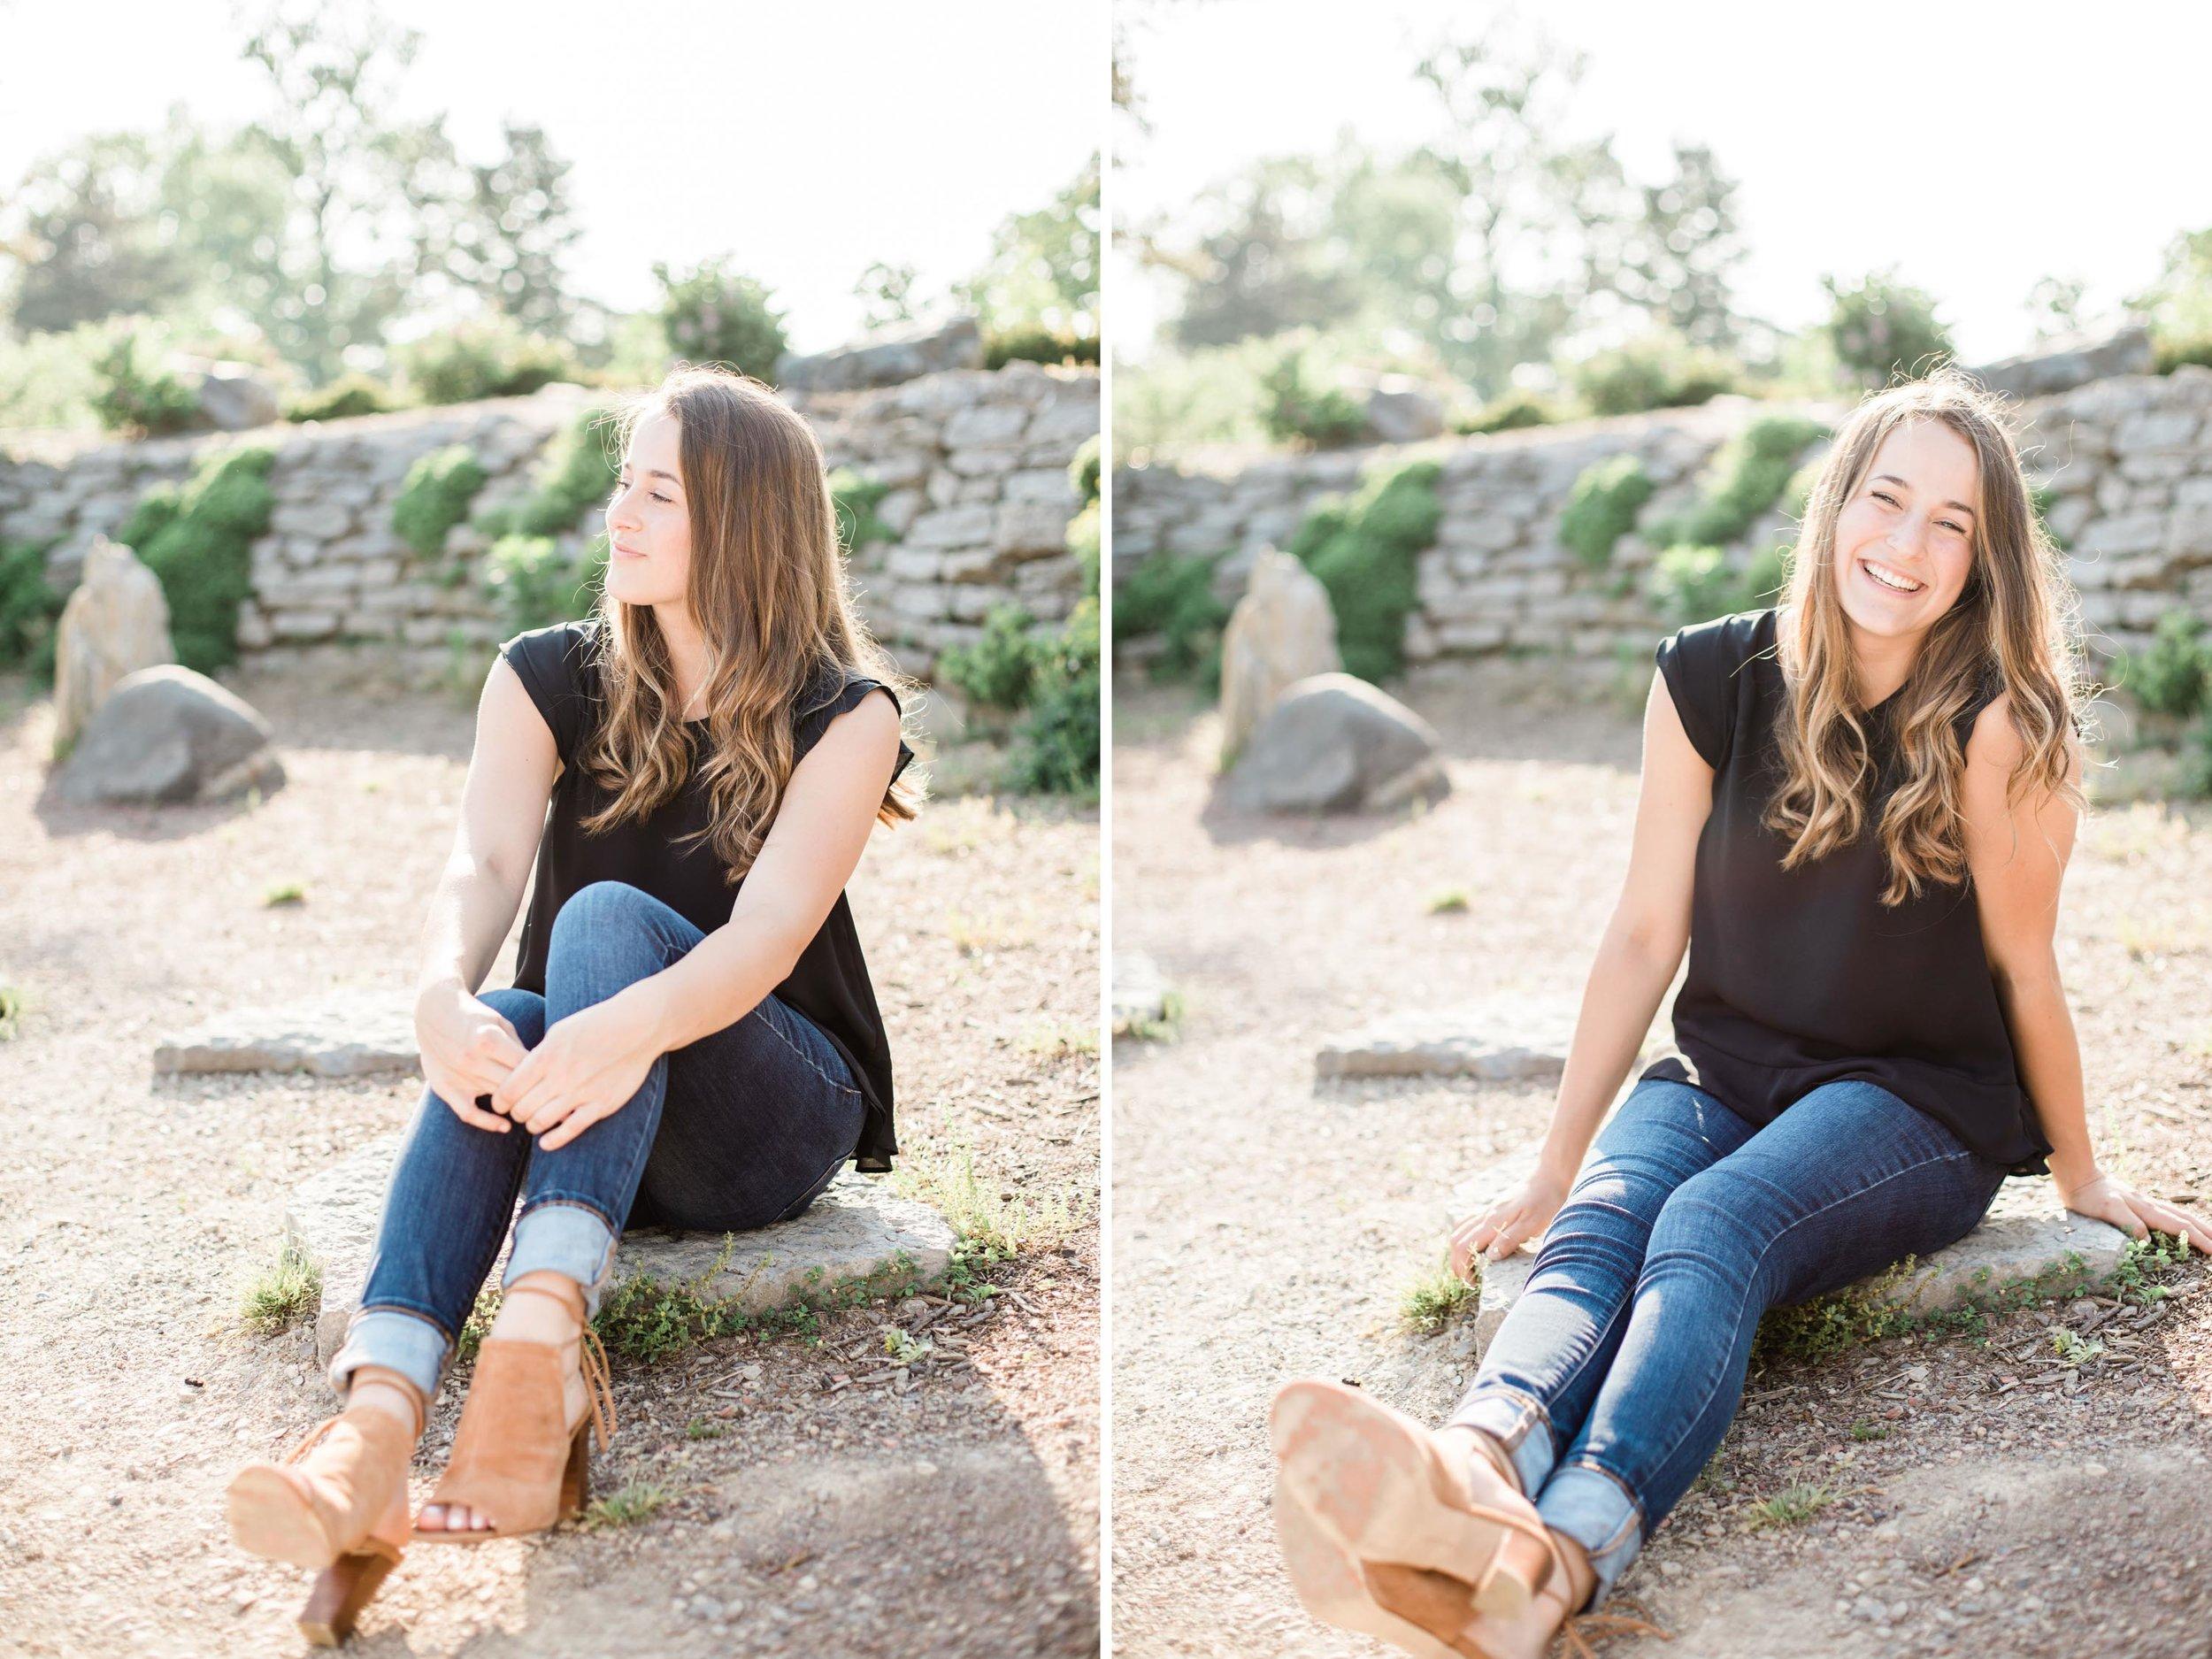 cox arboretum senior pictures.jpg